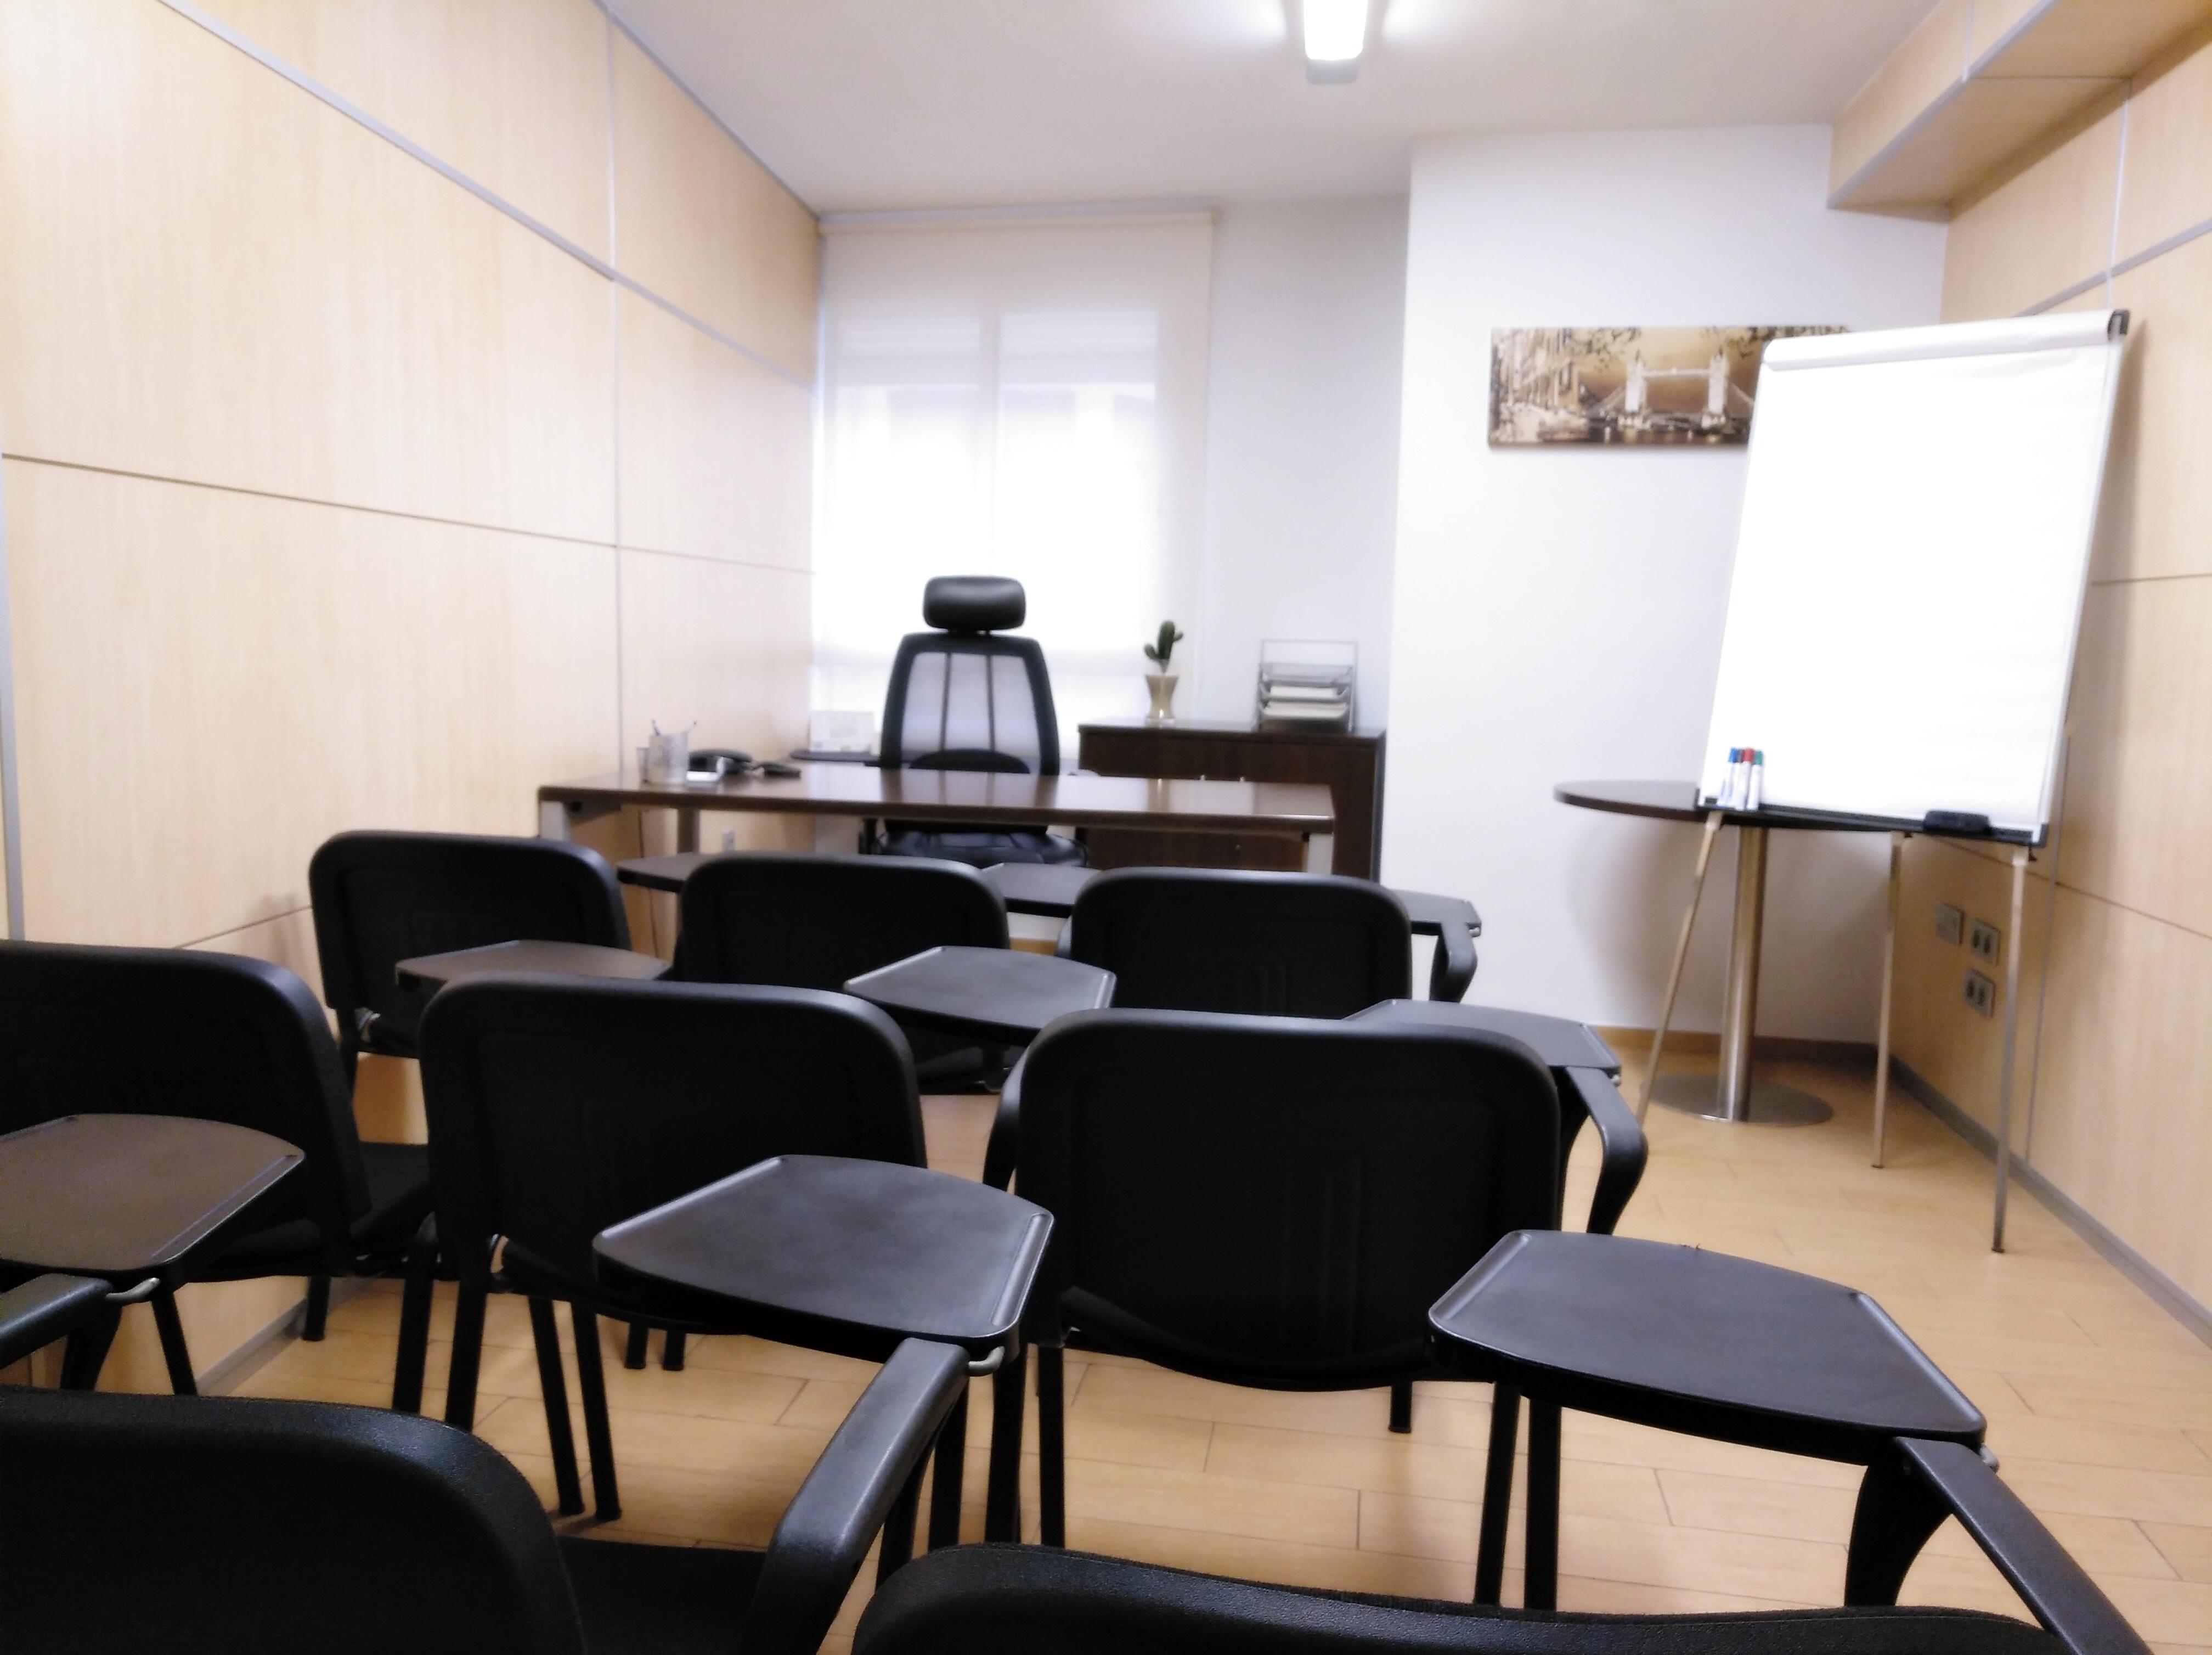 Alquiler de sala de formación en Castellón